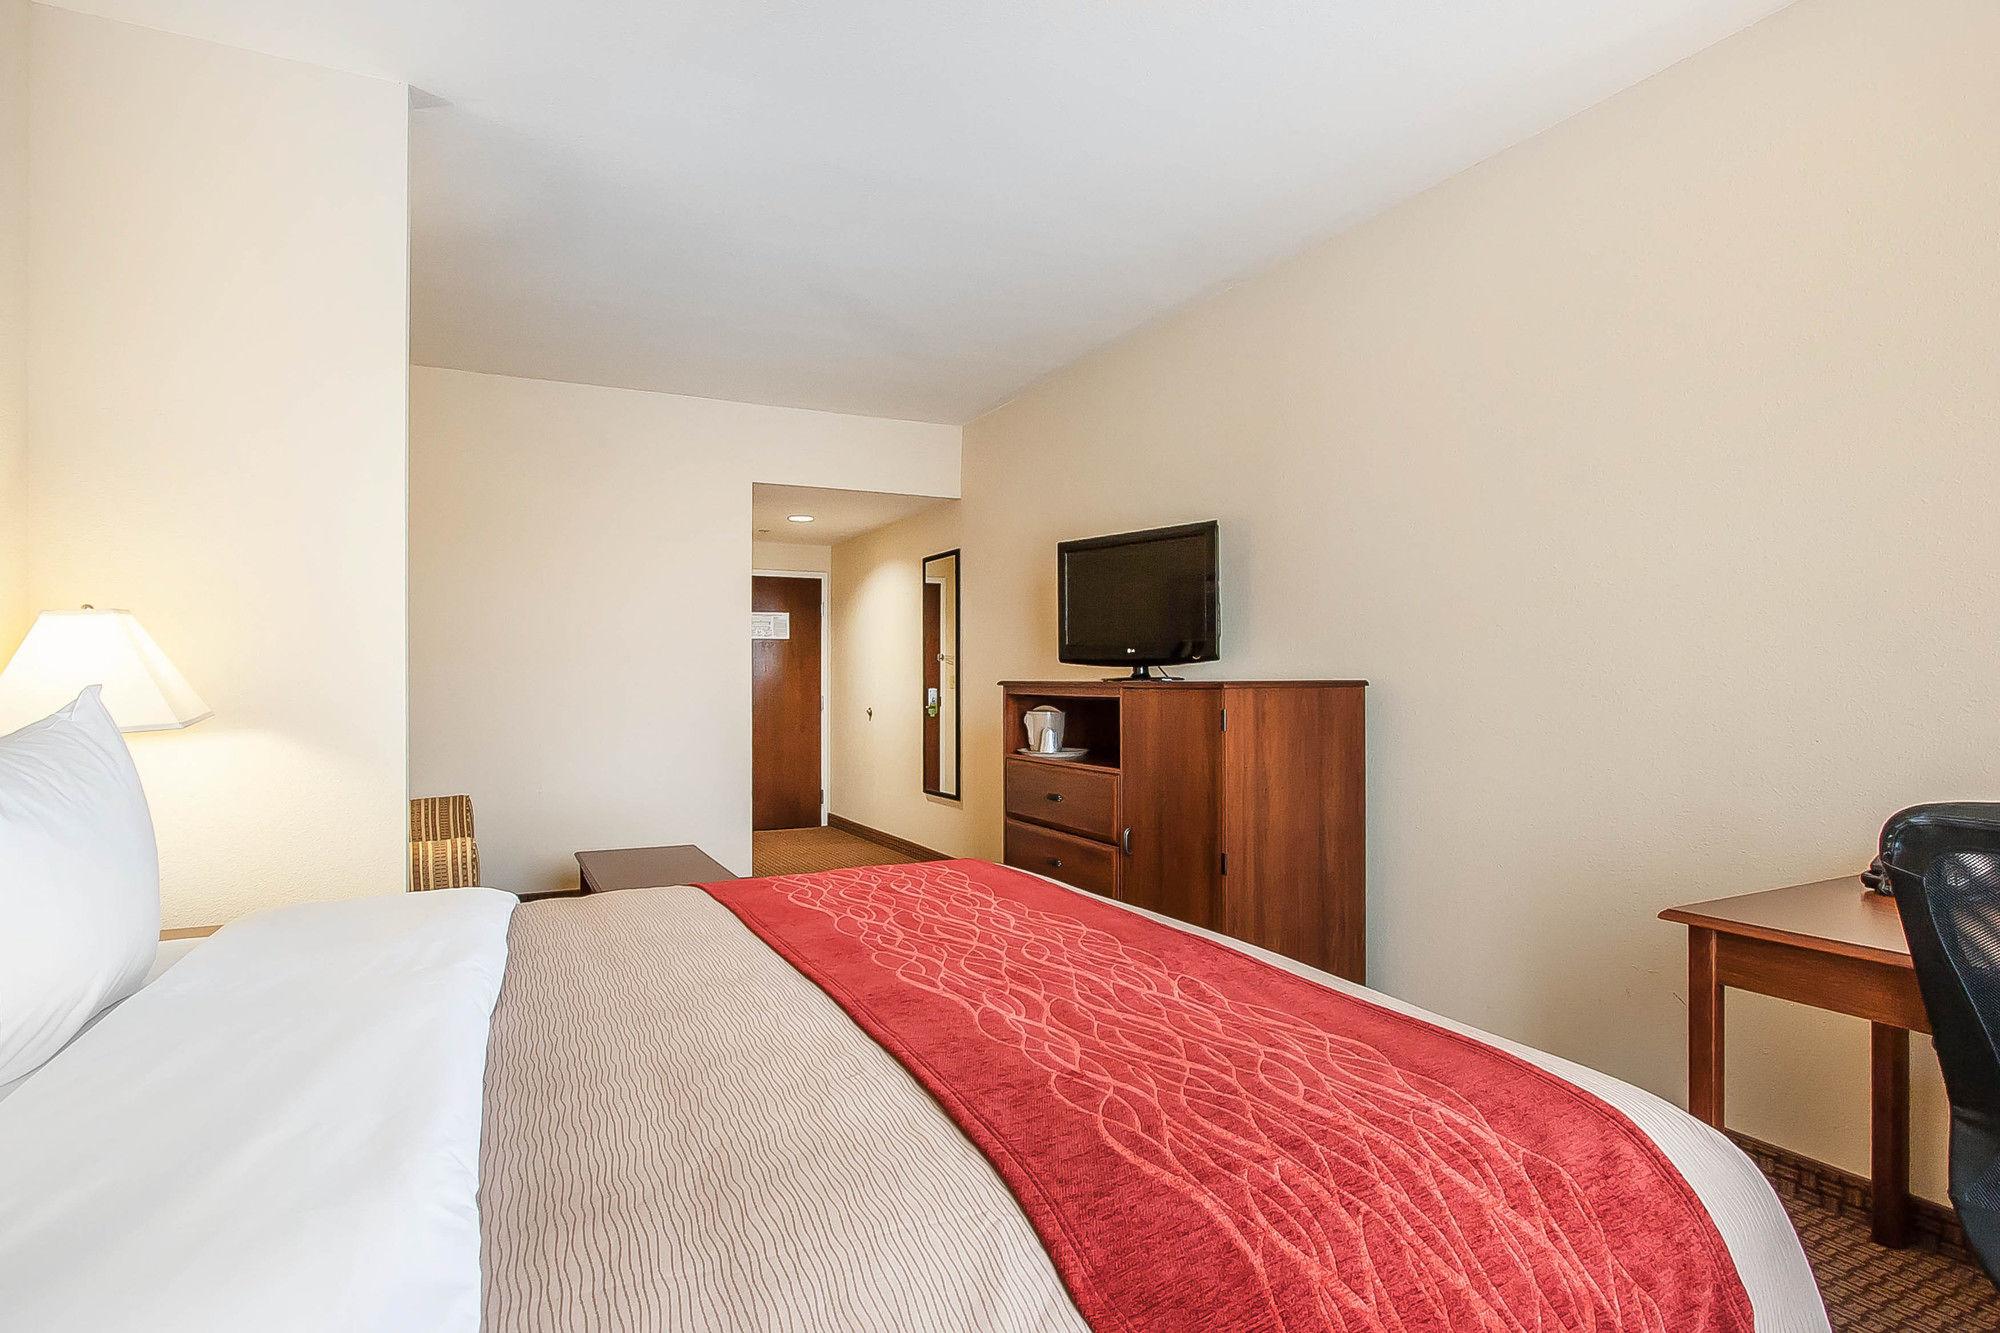 Comfort Inn And Suites Atoka in Millington, TN